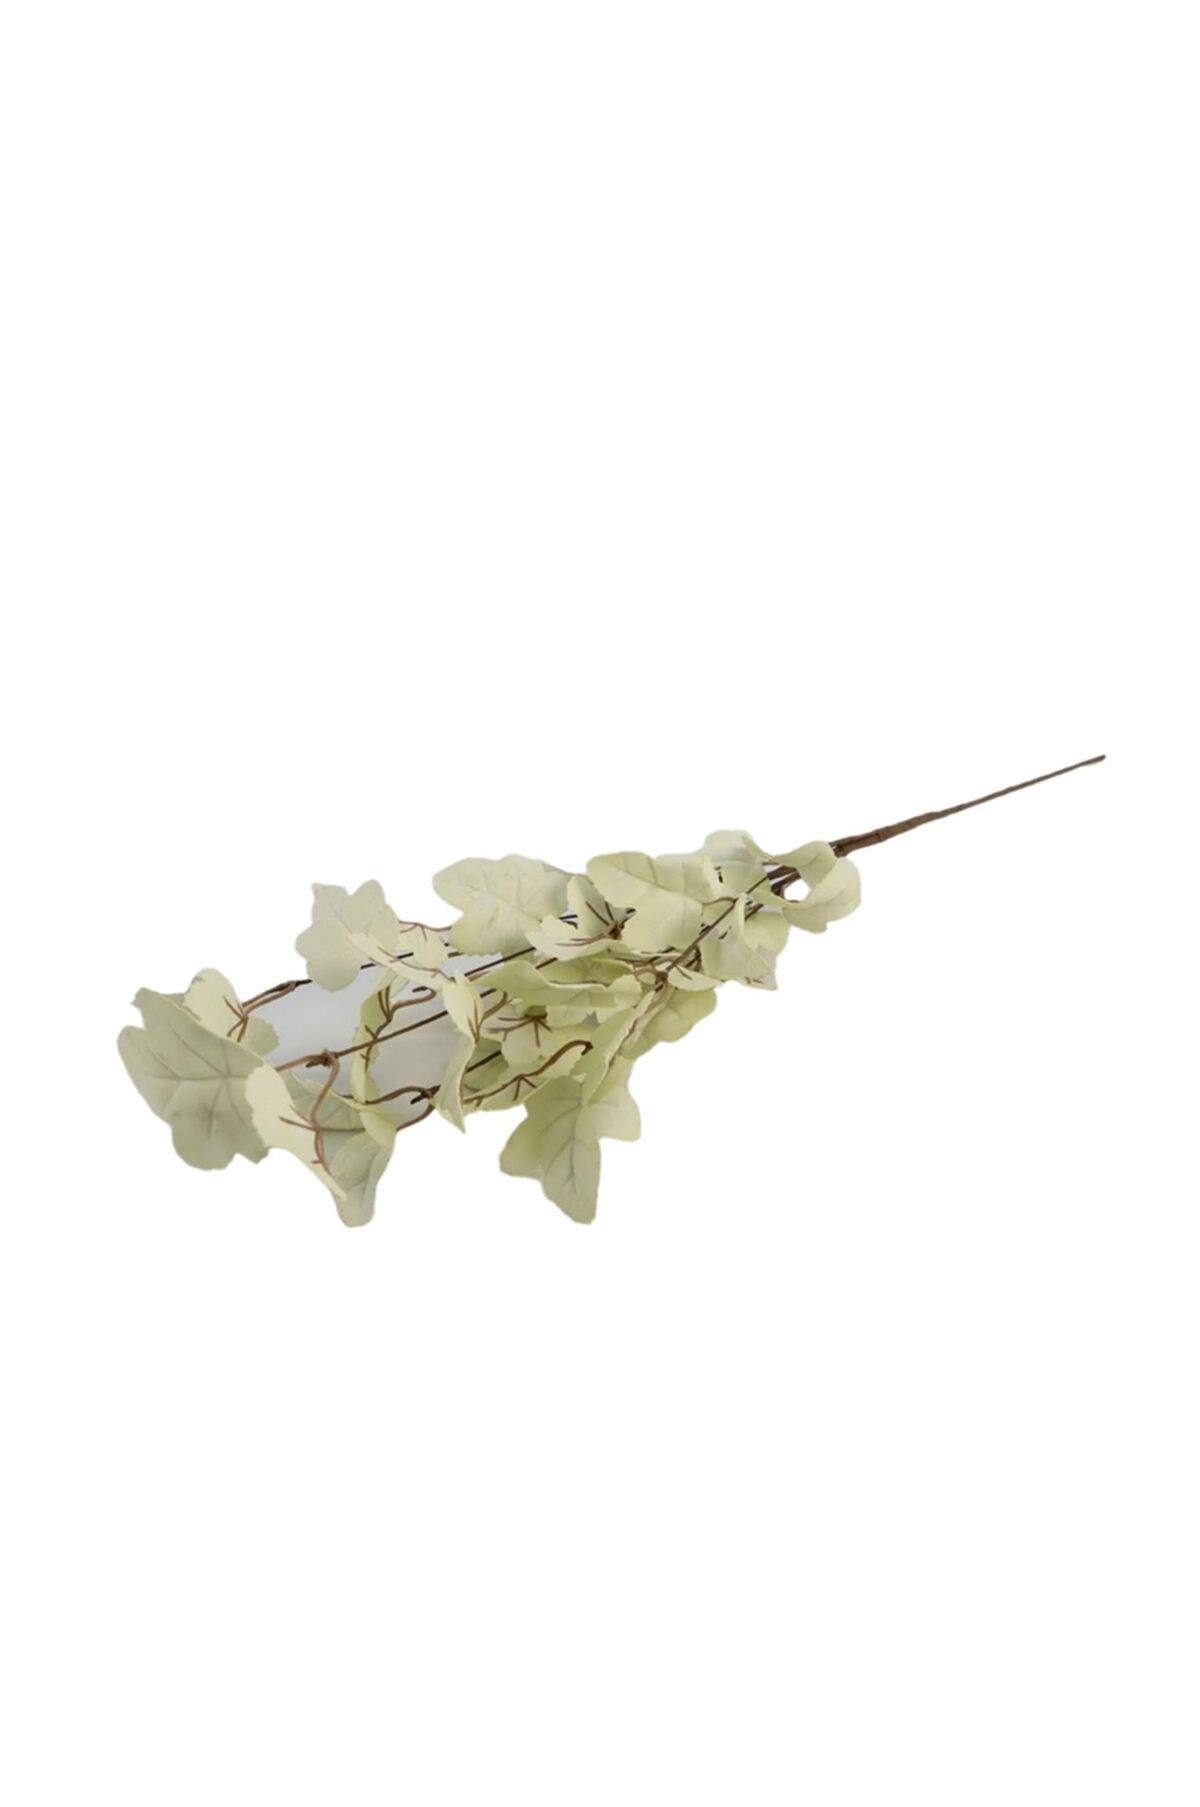 Stelo di edera artificiale bianca l. 77 cm